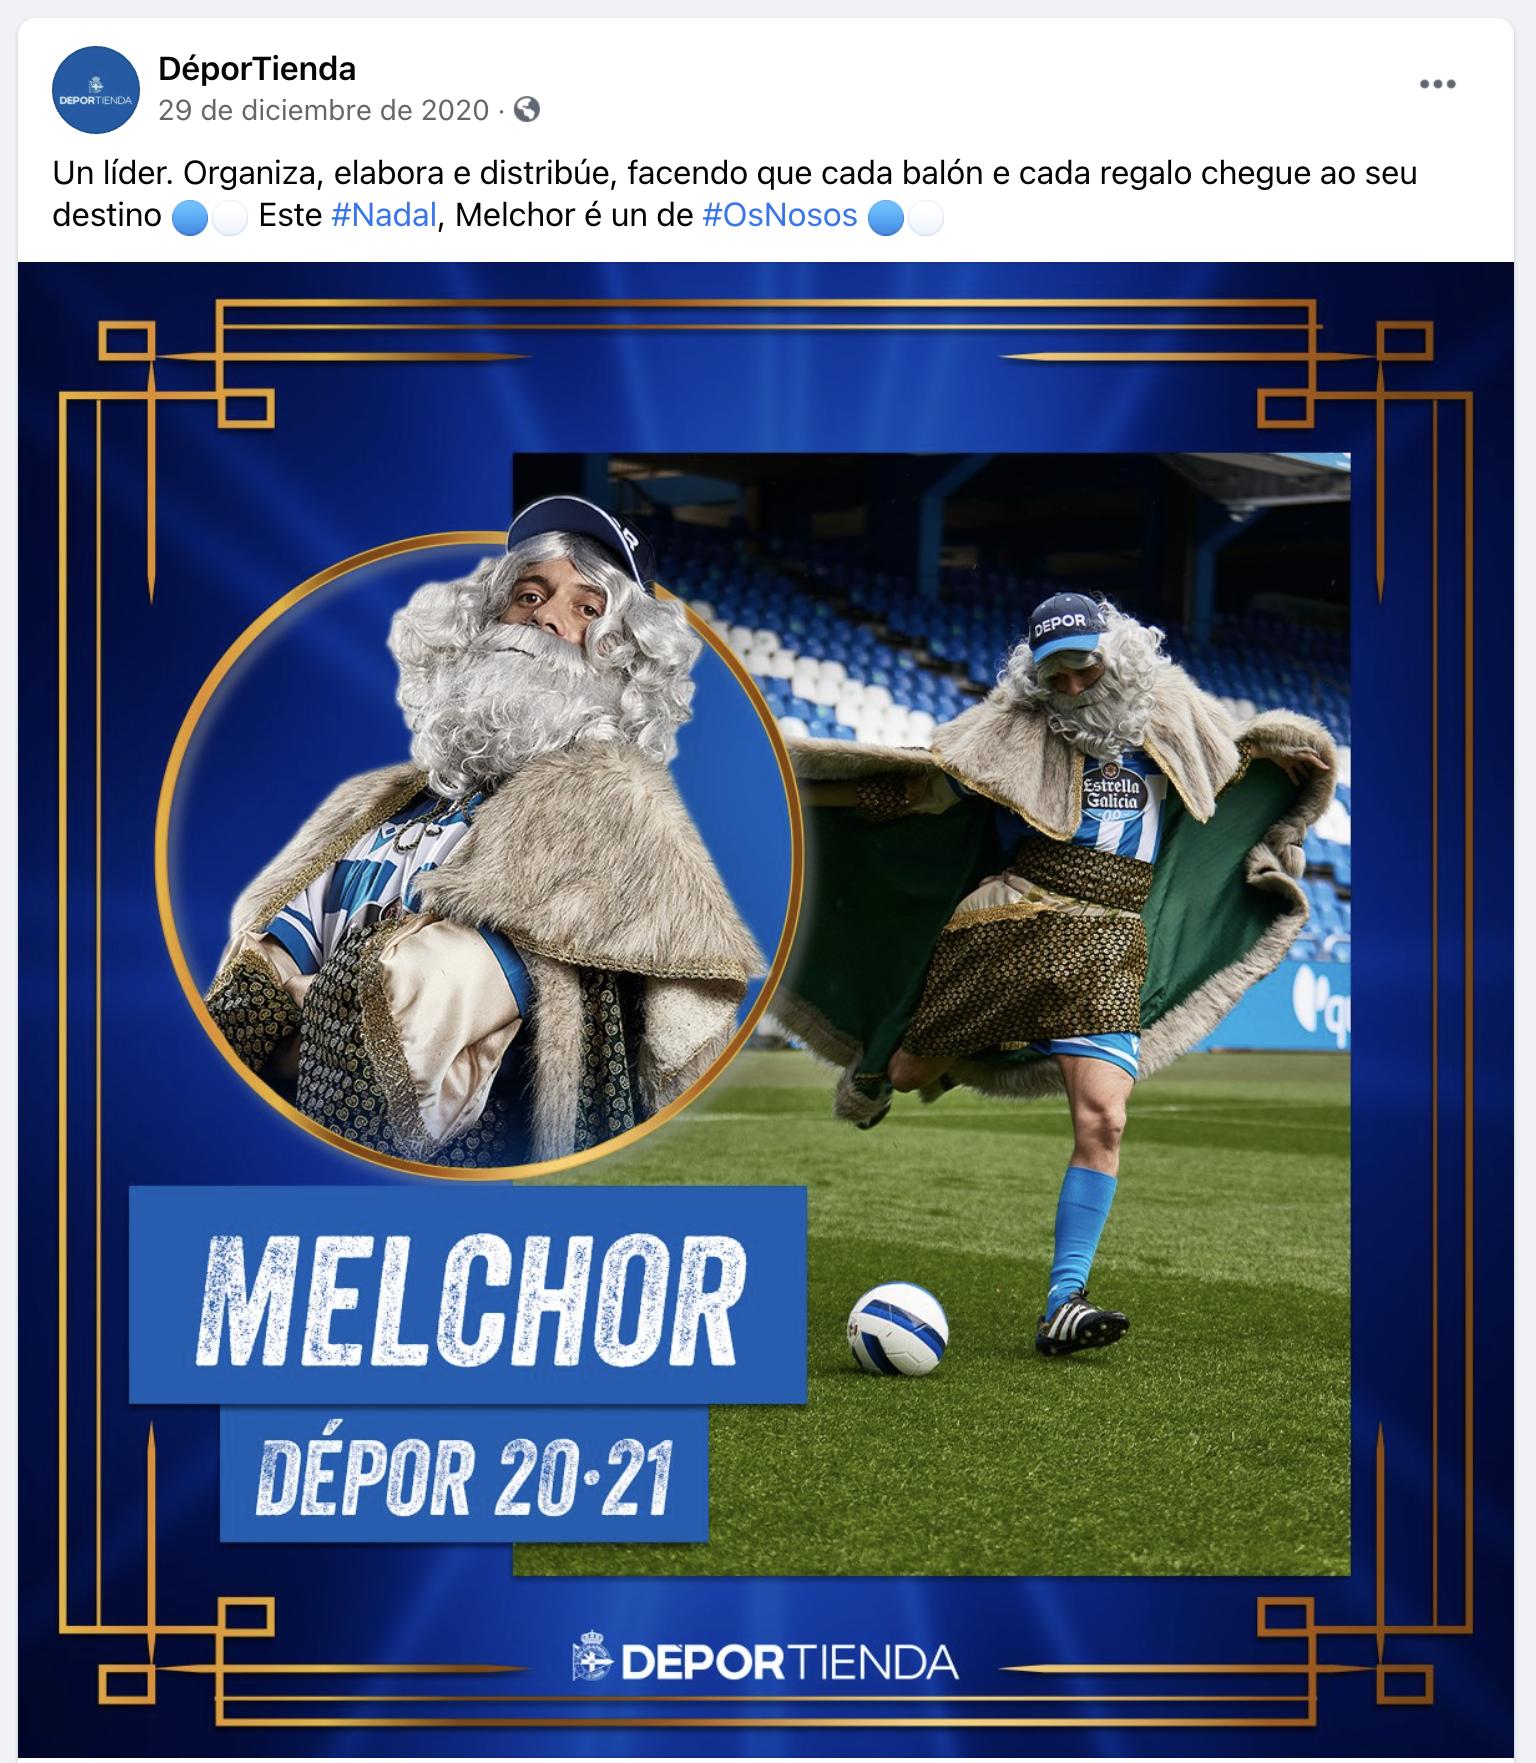 melchor-depor